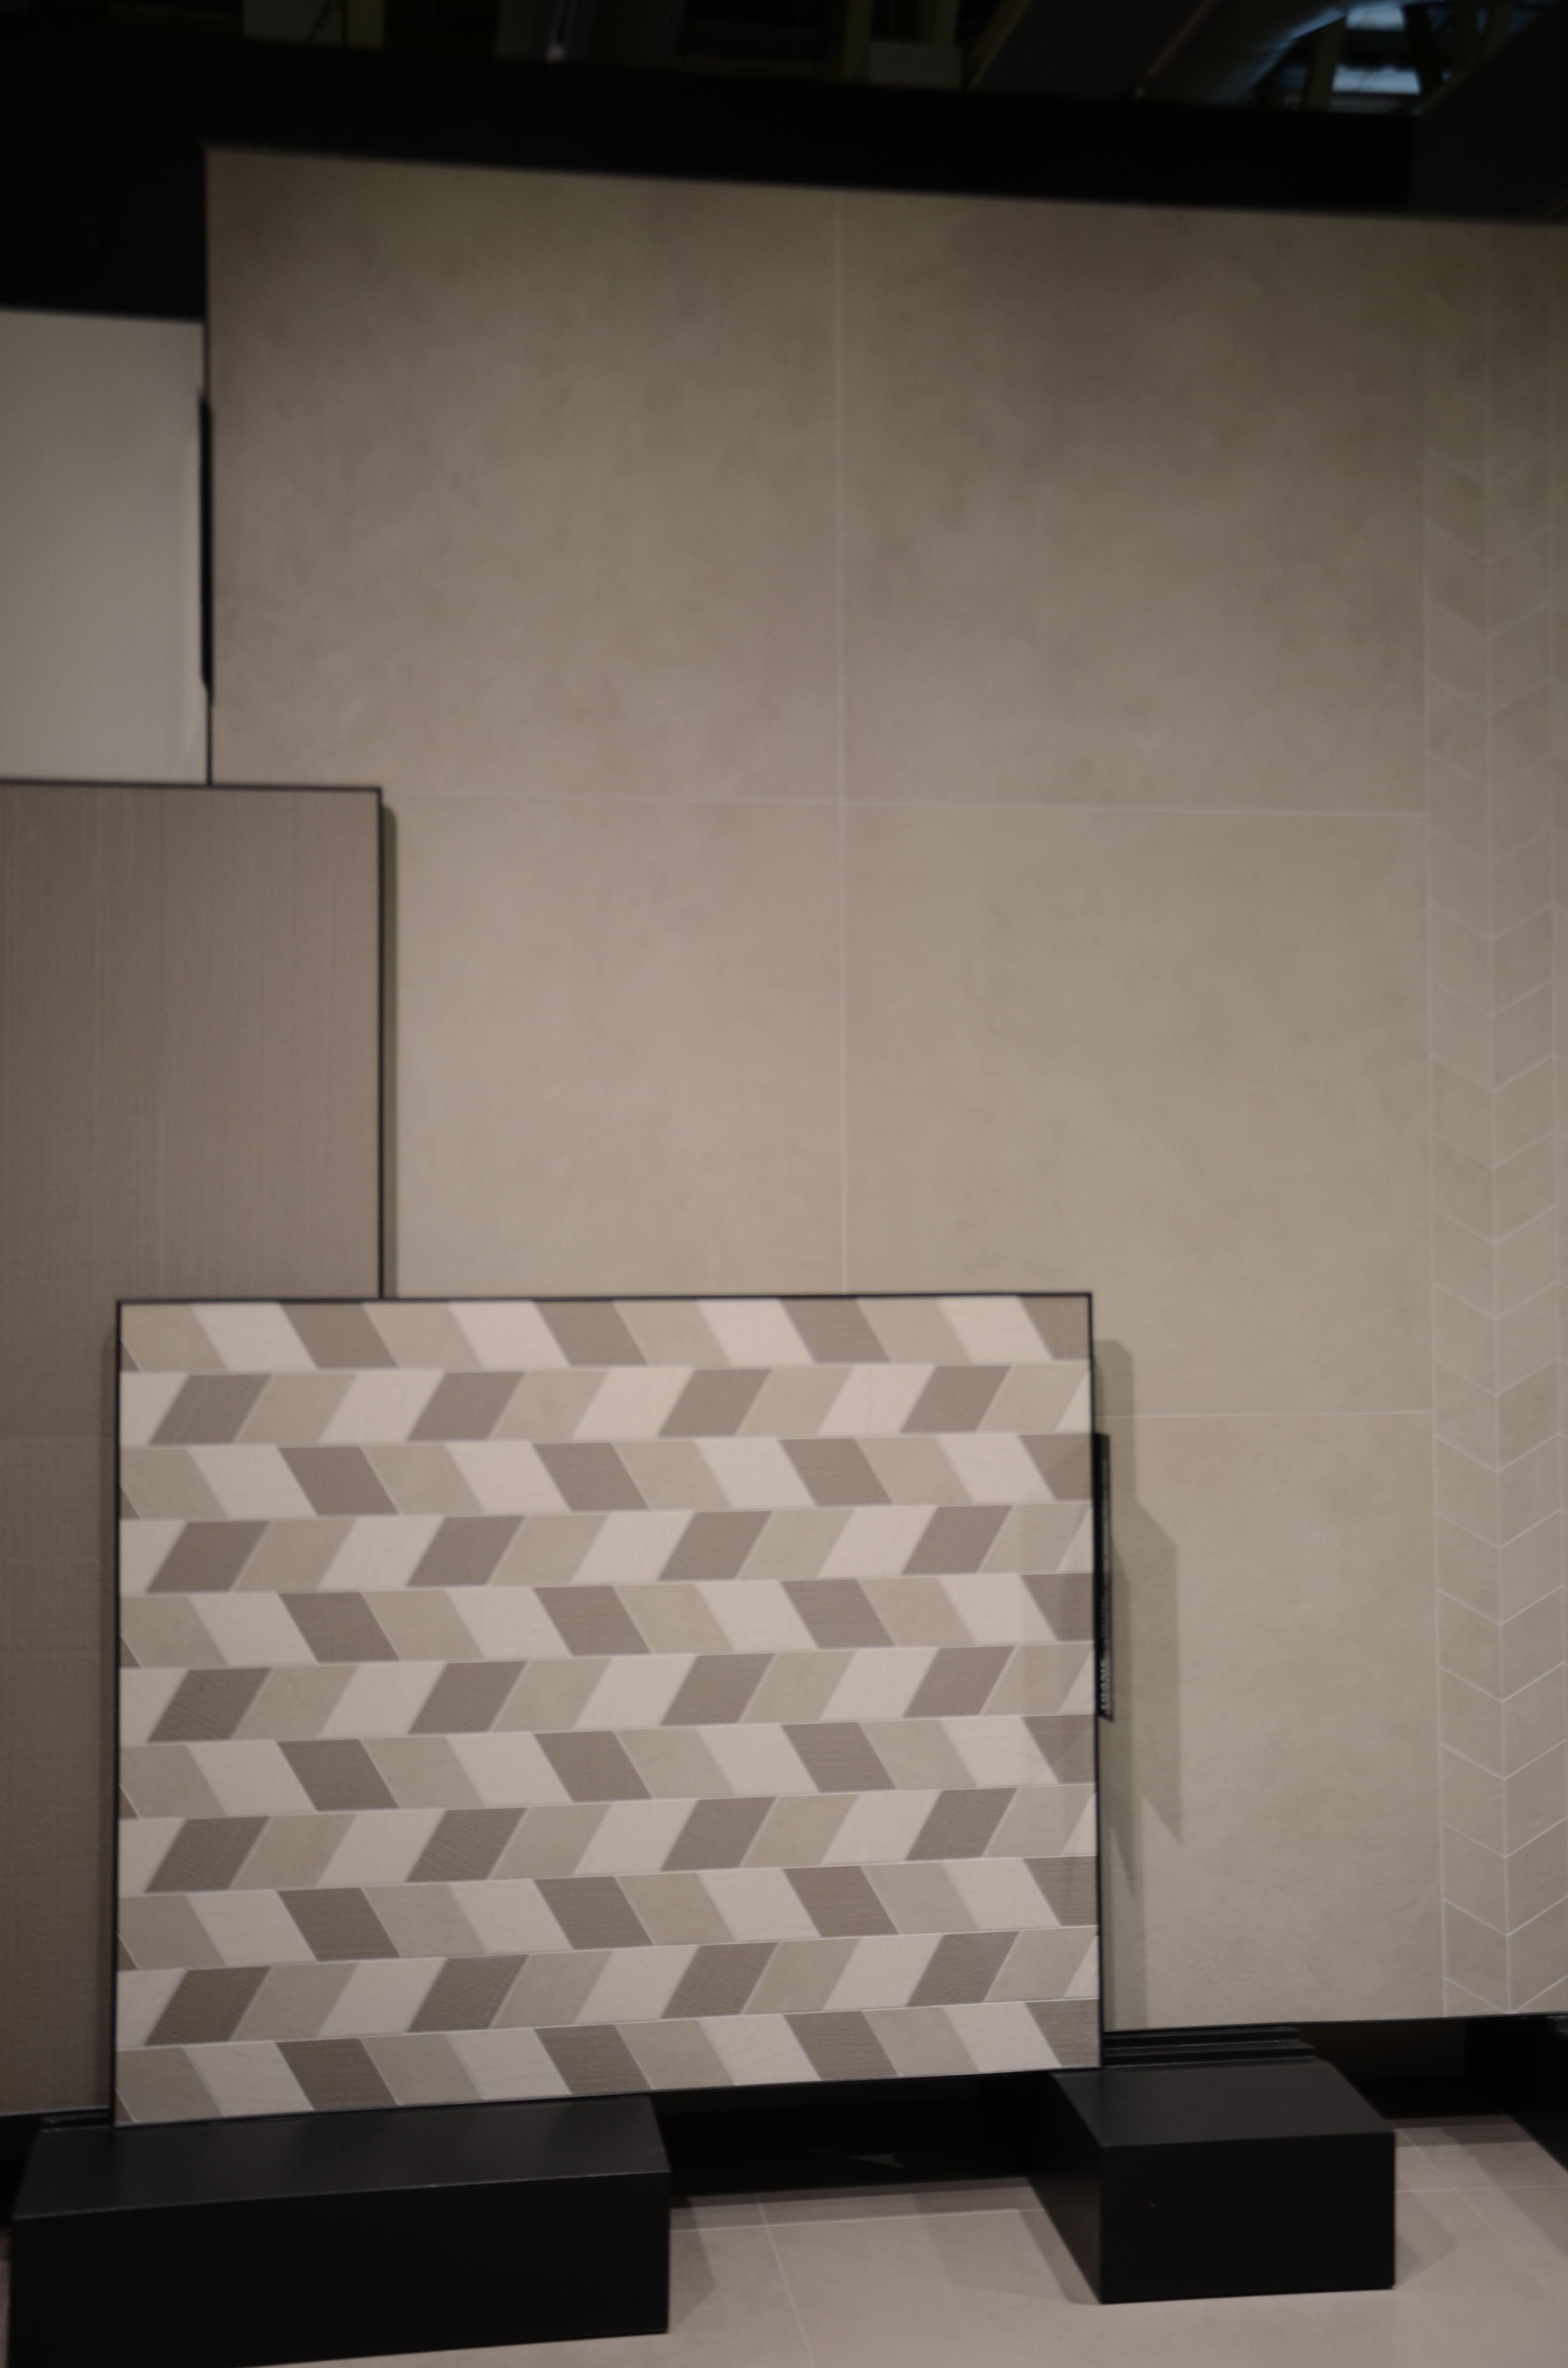 Wandfliesen gestalten bilder sanfte töne und unterschiedliche formate passend zu einem eleganten